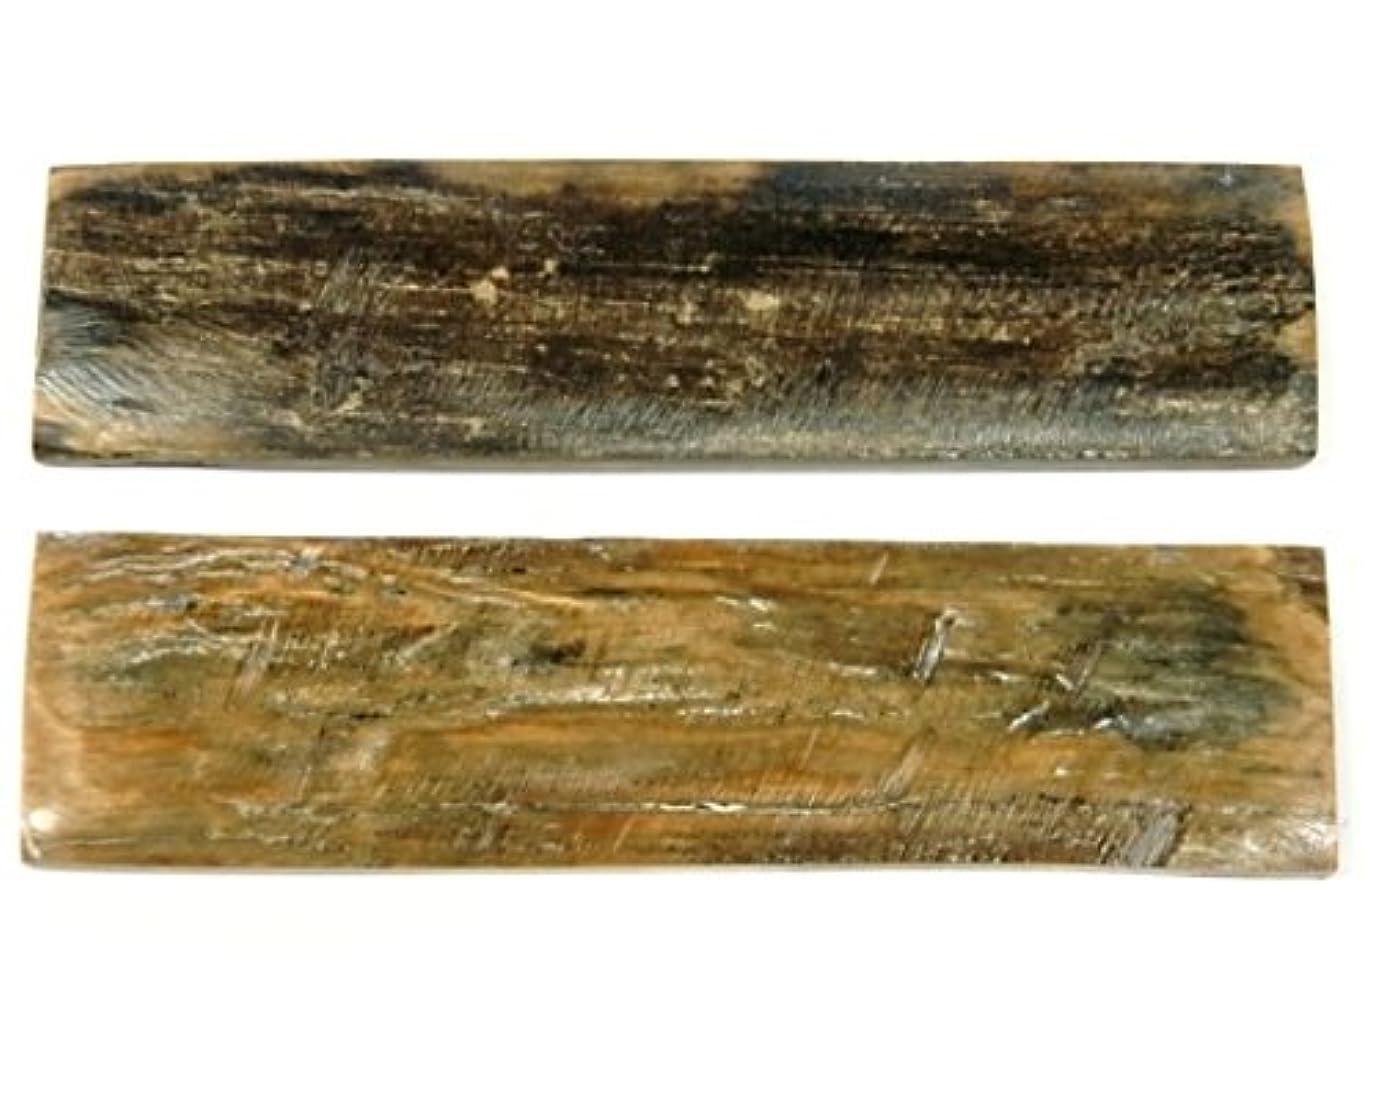 実行するモスクボーナスナイフ用ハンドル材 323163 ミデアムバーク 6x25x90 (2枚1組)